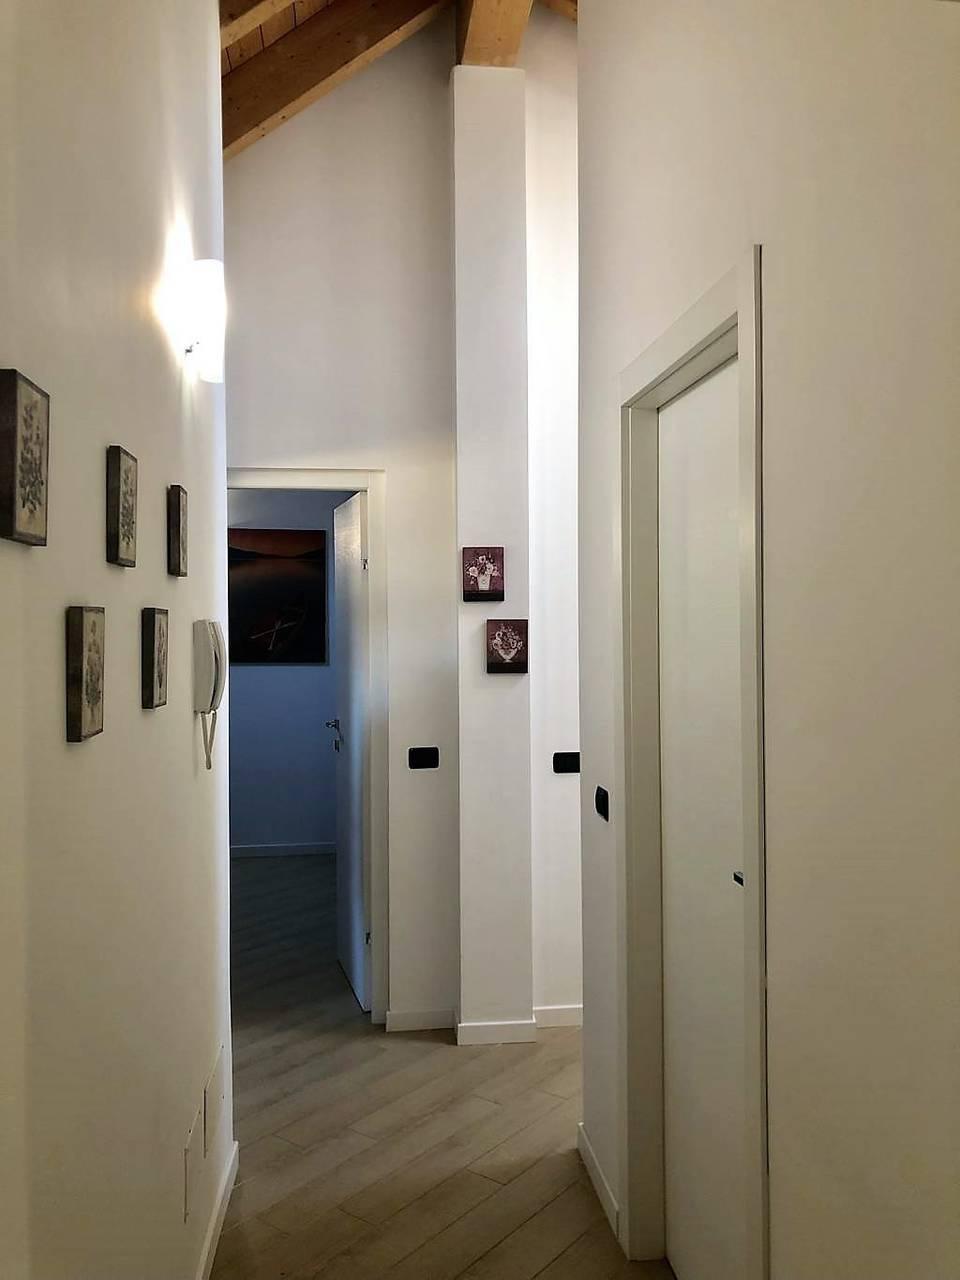 Appartamento-4-locali-con-giardino-in-vendita-a-Carnate-16